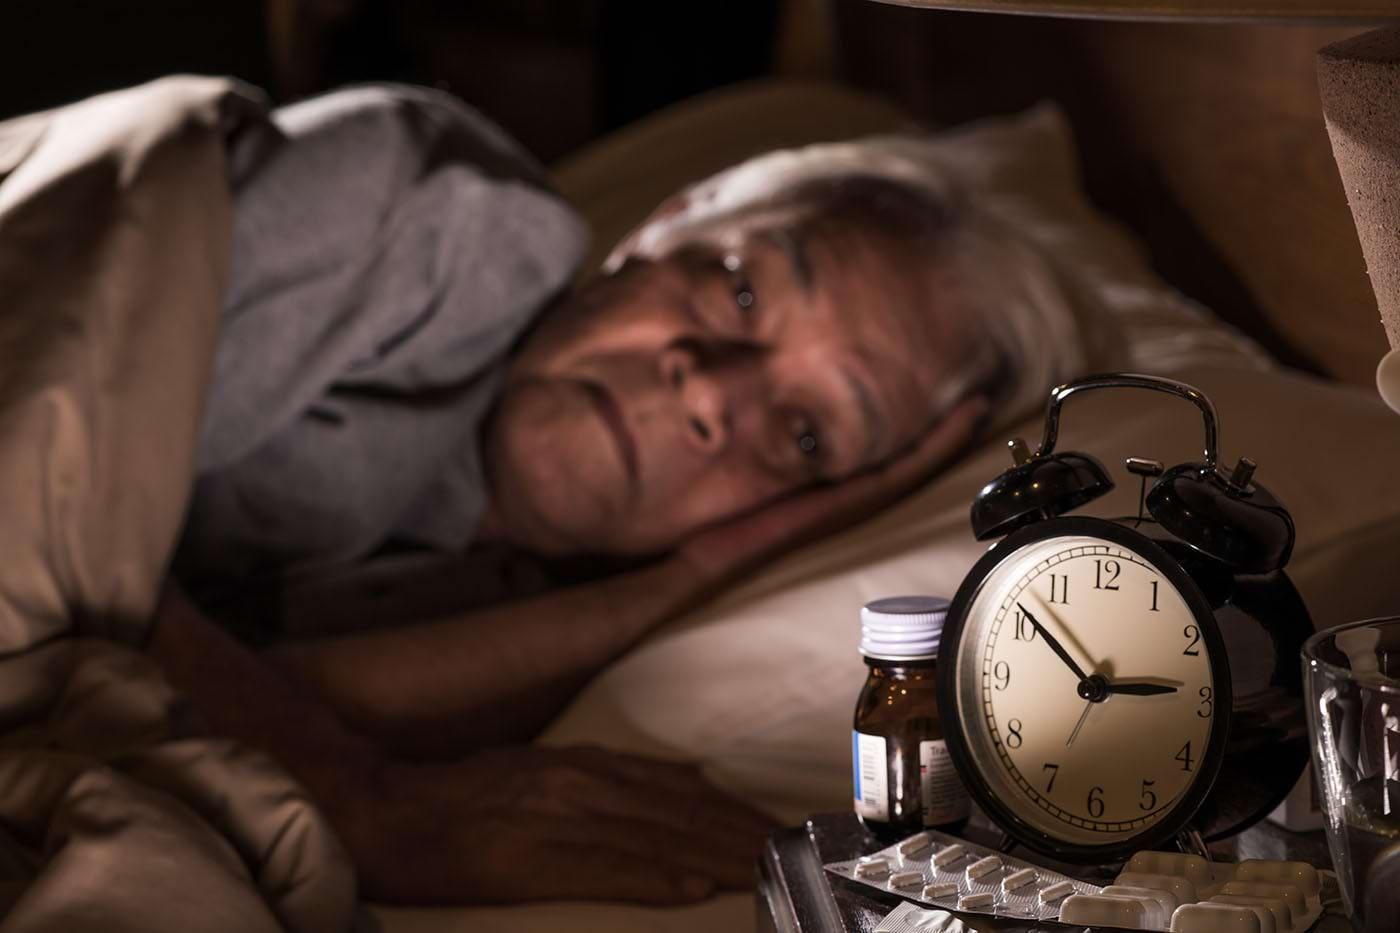 Insomniile: ce afecțiuni și stări le pot cauza?